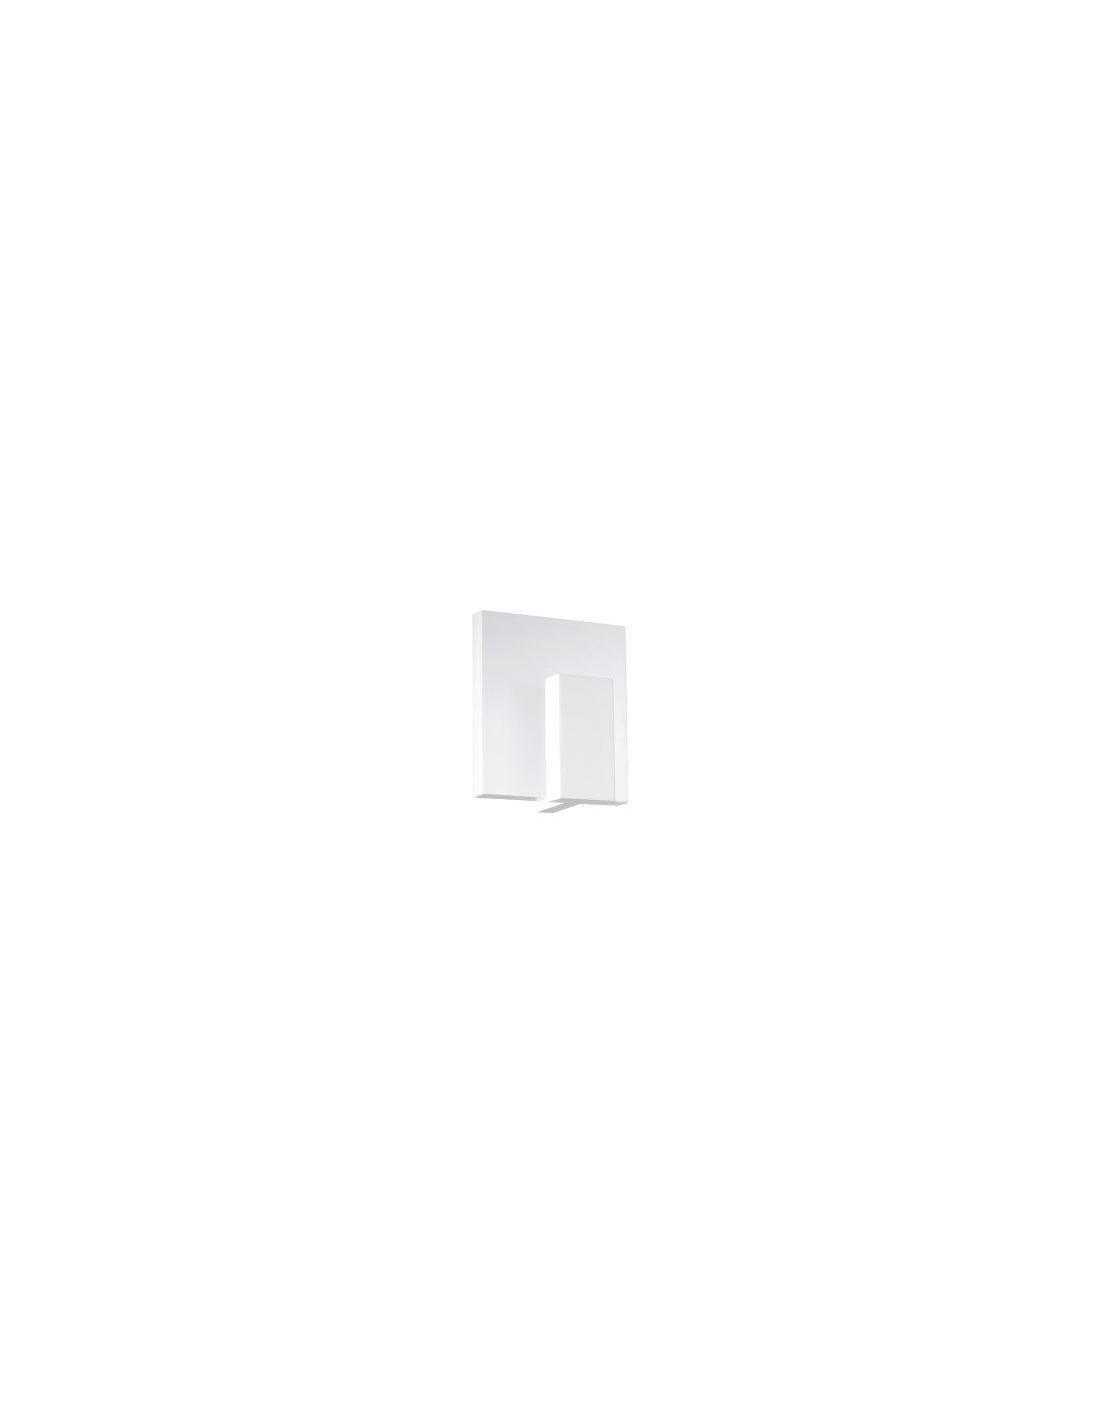 LAMPE OD-LED-WL/2 white 'PARDELA' - EGLO - 1